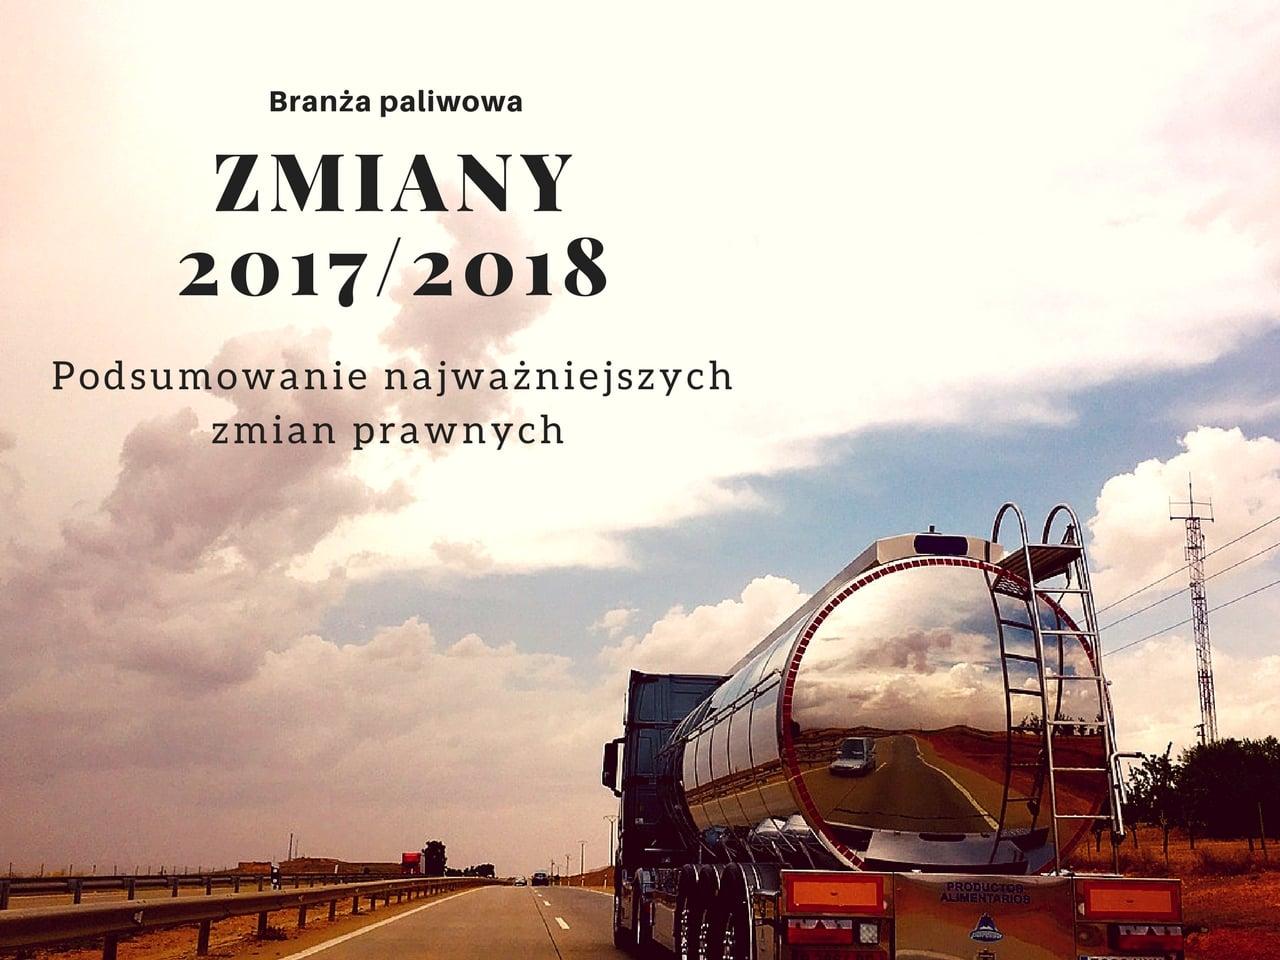 Zamiany w branży paliwowej 2107 i 2018 rok